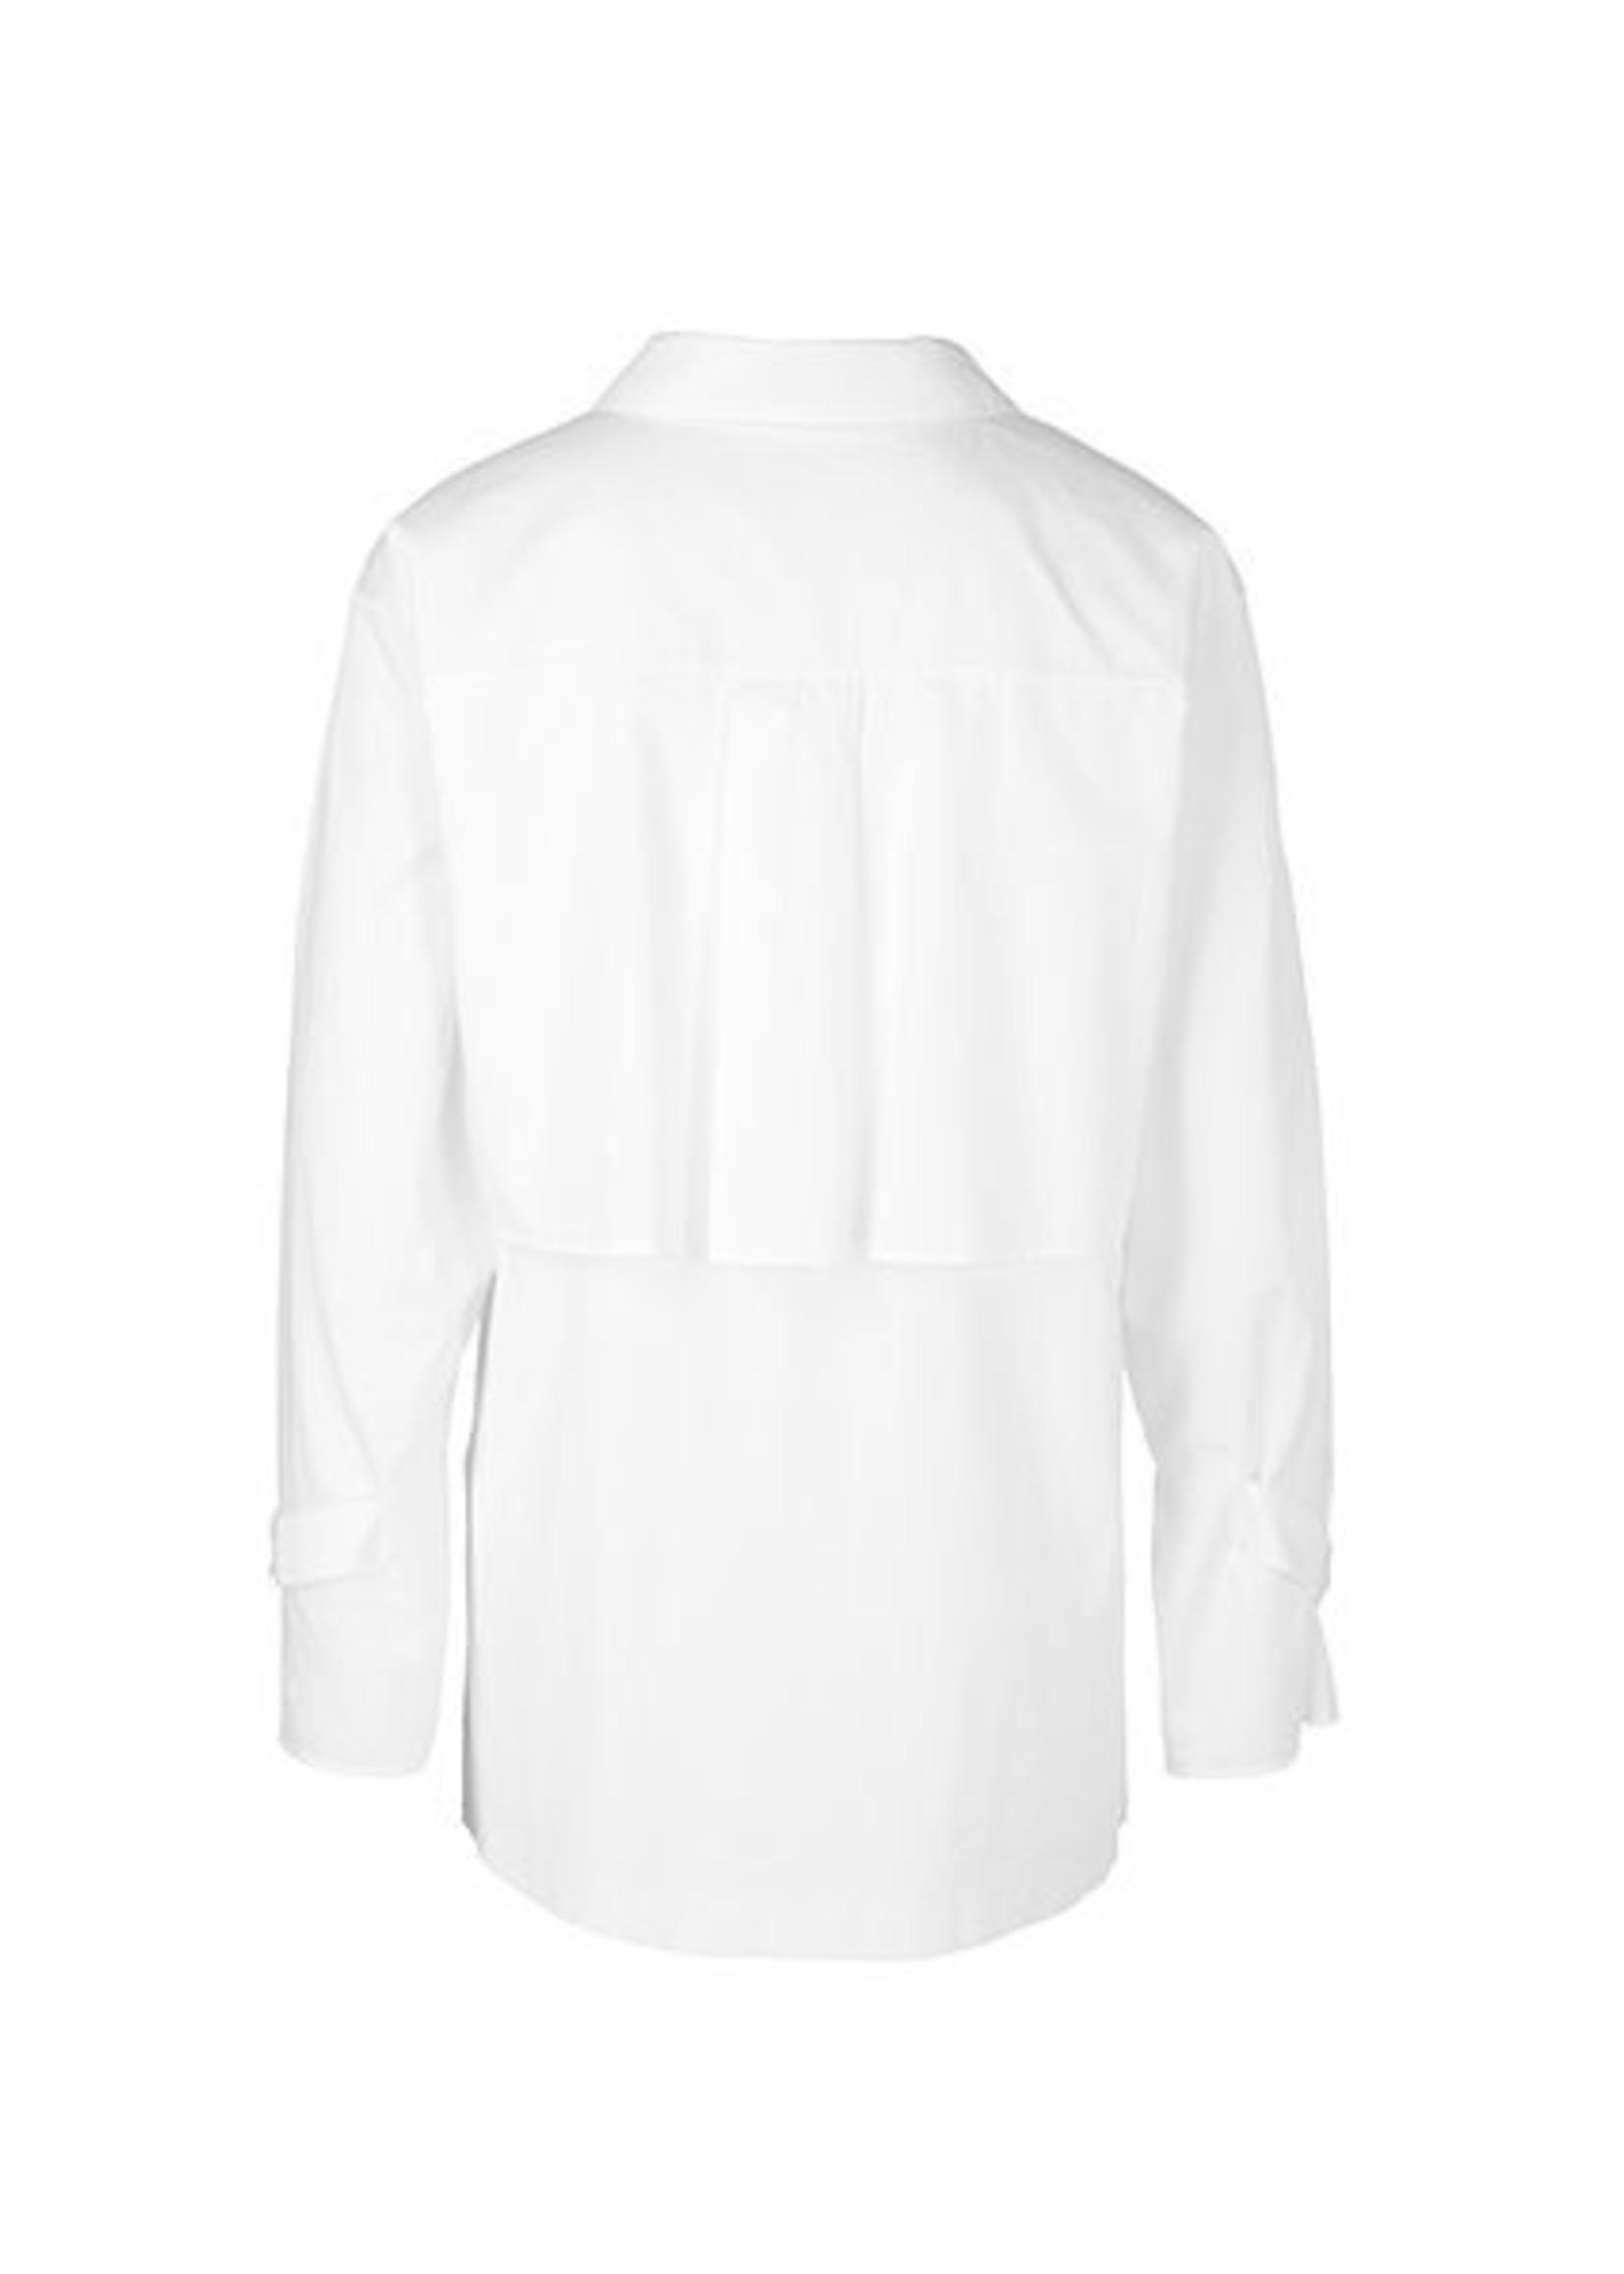 Blouse RC 55.13 J14 white